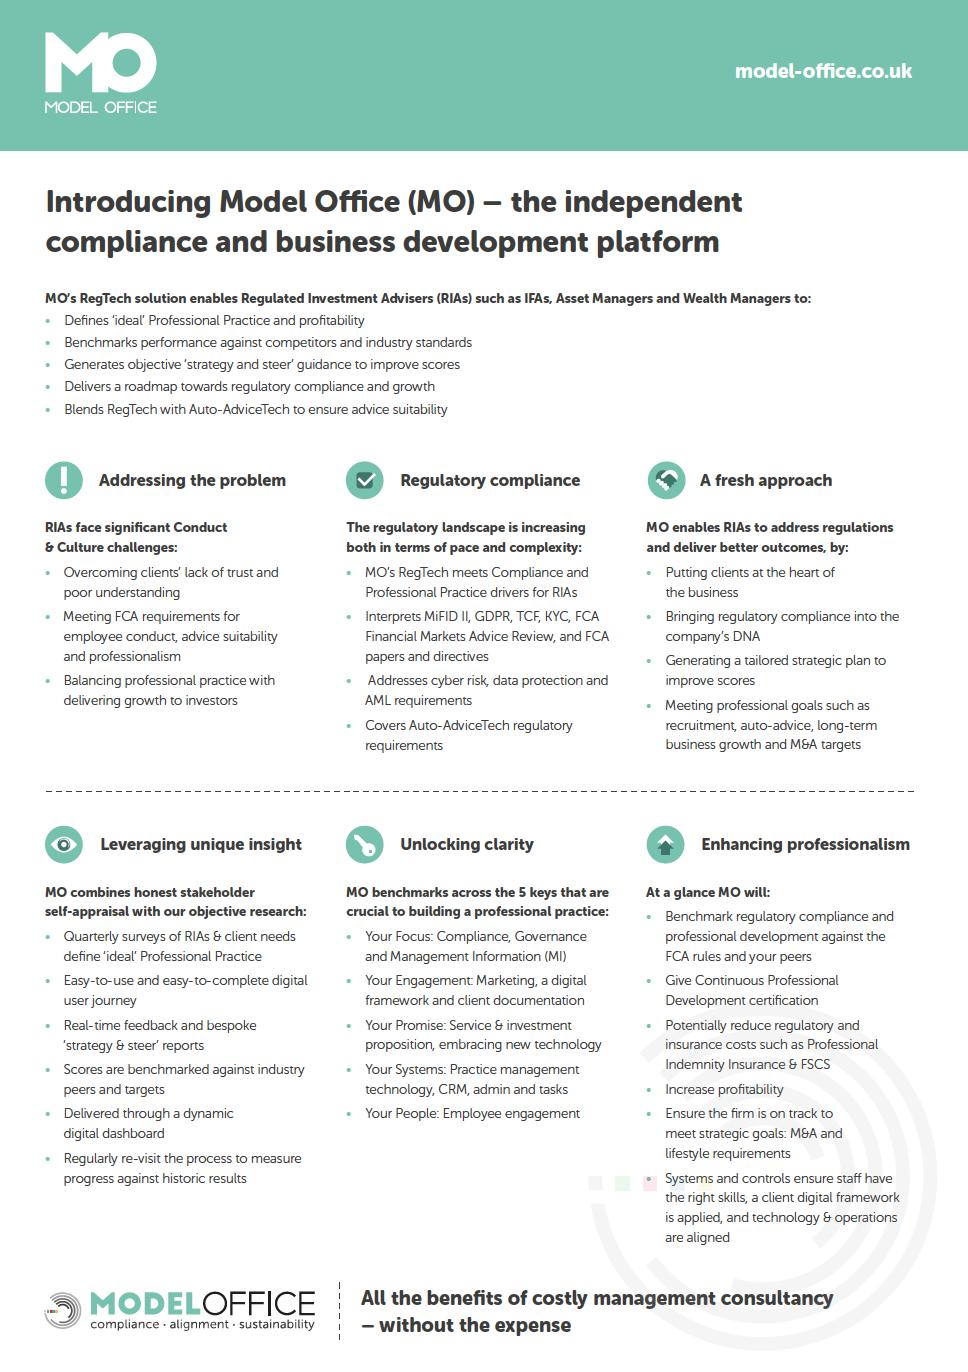 Model Office #RegTech platform Q2 question updates